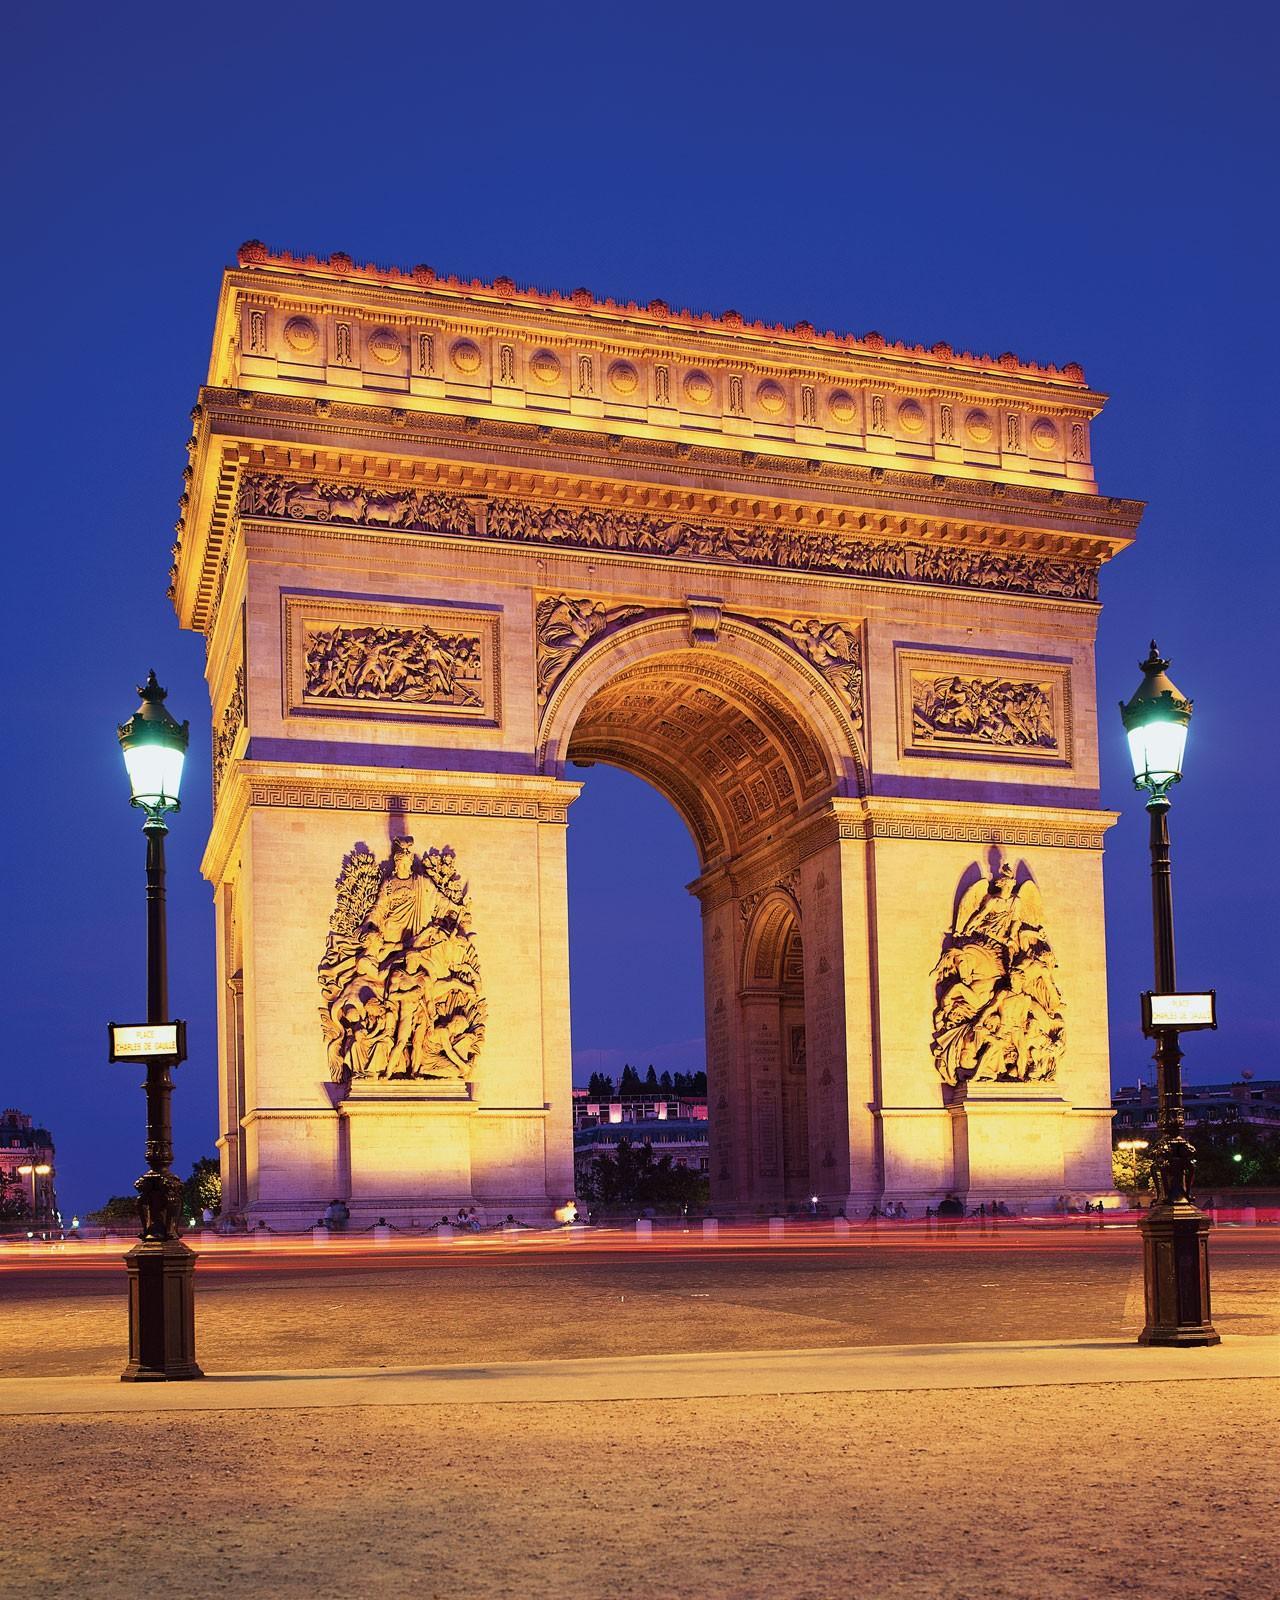 Τα 12 διάσημα αξιοθέατα που πρέπει να δείτε στο πανέμορφο Παρίσι!